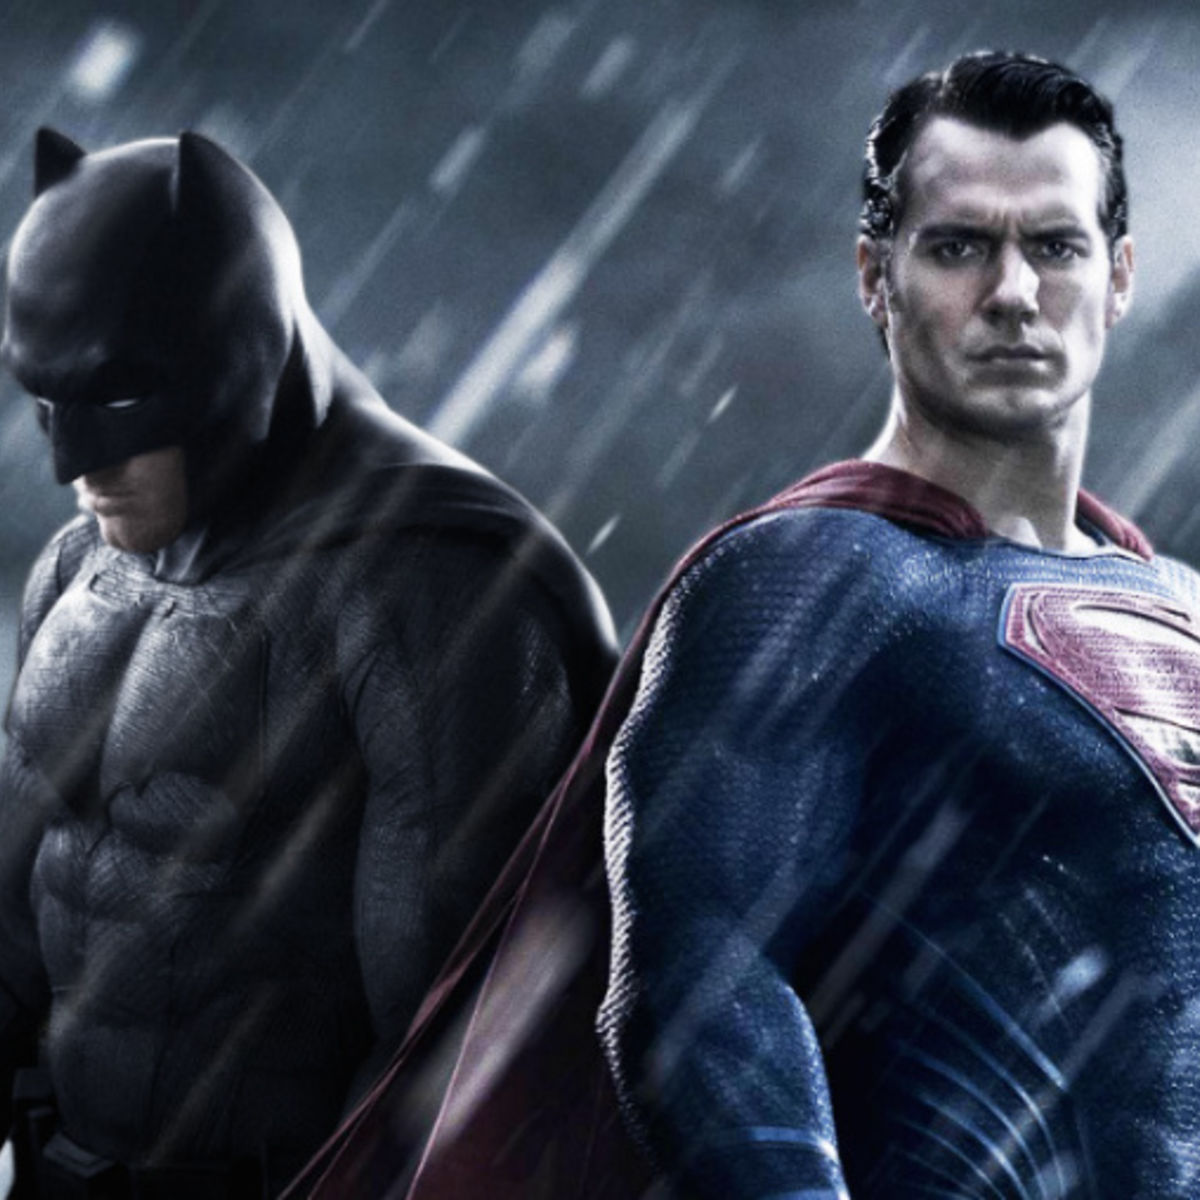 batman_v_superman__dawn_of_justice_poster_ben_affleck_Henry_cavill.jpg